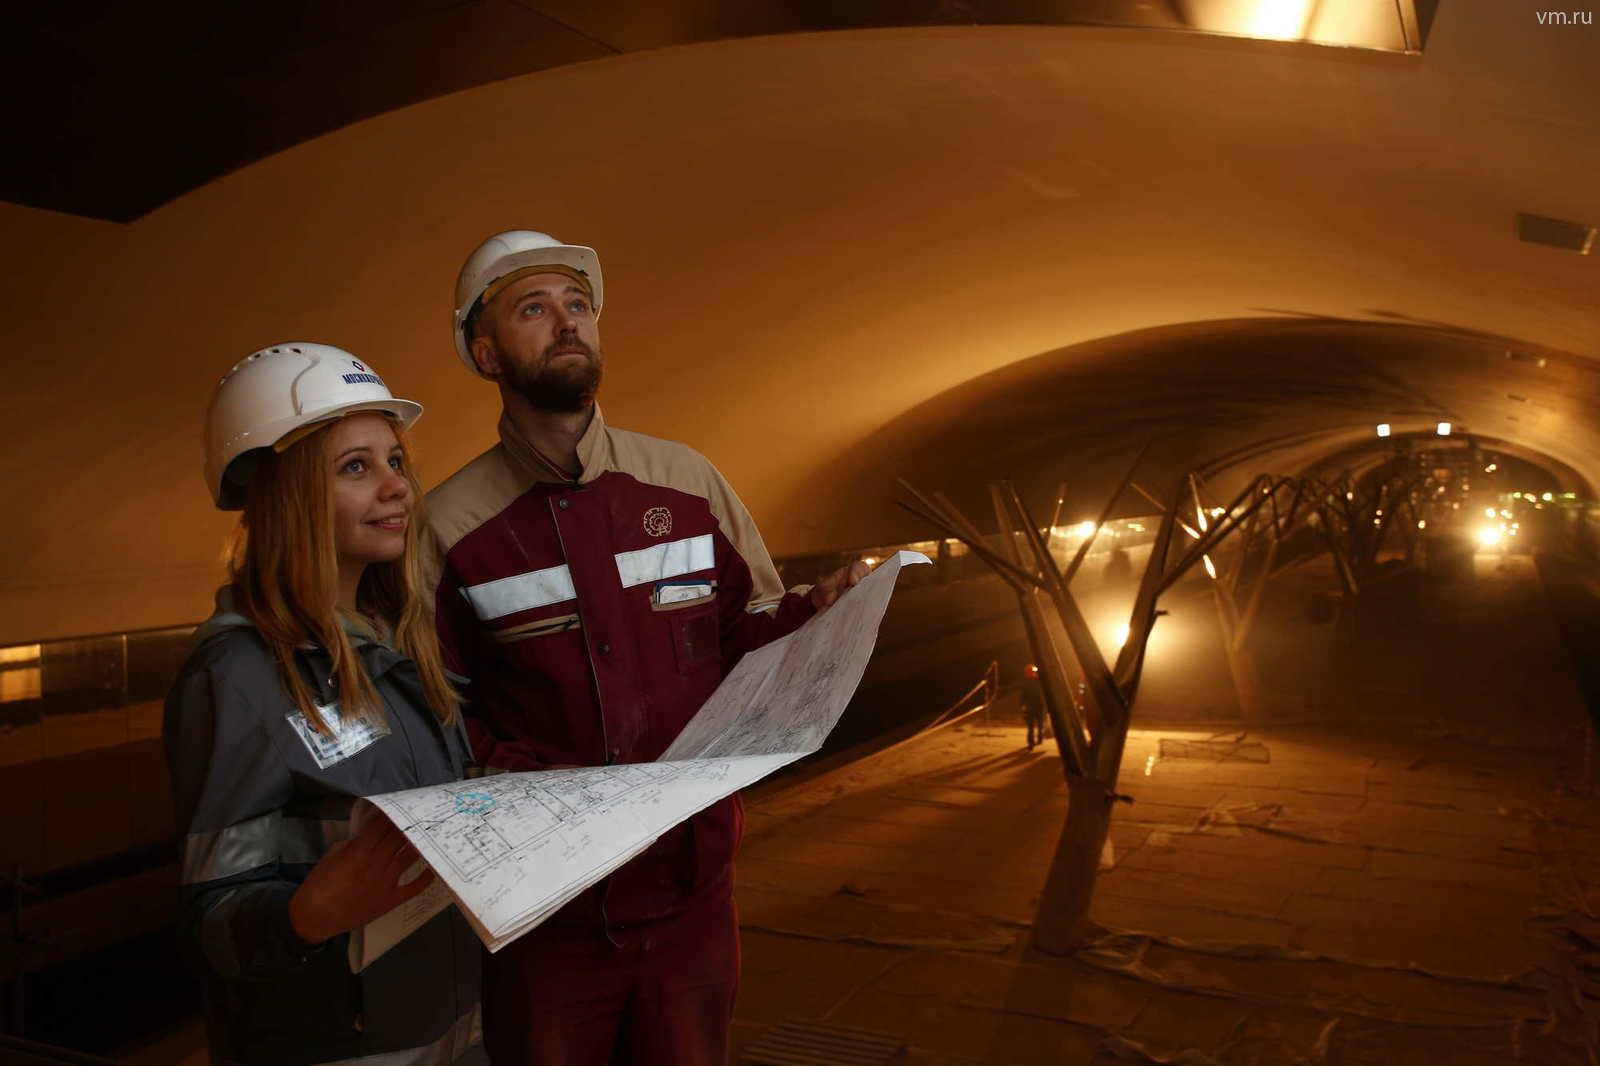 Новые станции метро «Филатов луг», «Прокшино», «Ольховая» и «Столбово» будут пролегать в створе строящейся автомобильной трассы Солнцево— Бутово— Варшавское шоссе